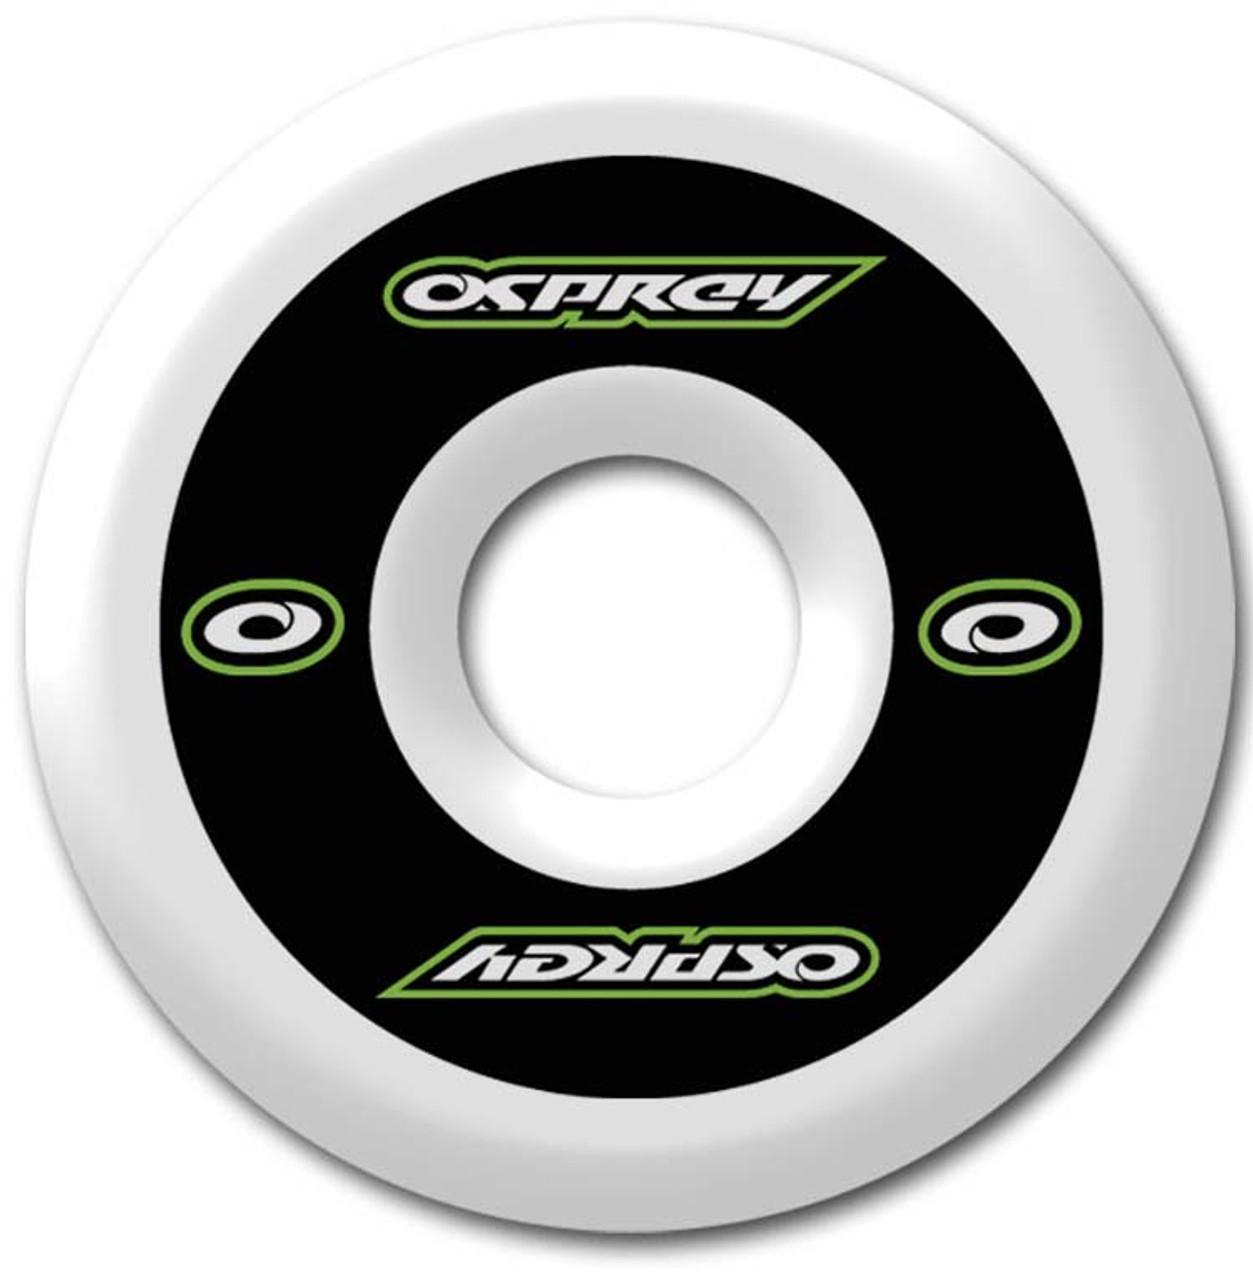 Osprey Gluttony OSX Wheel